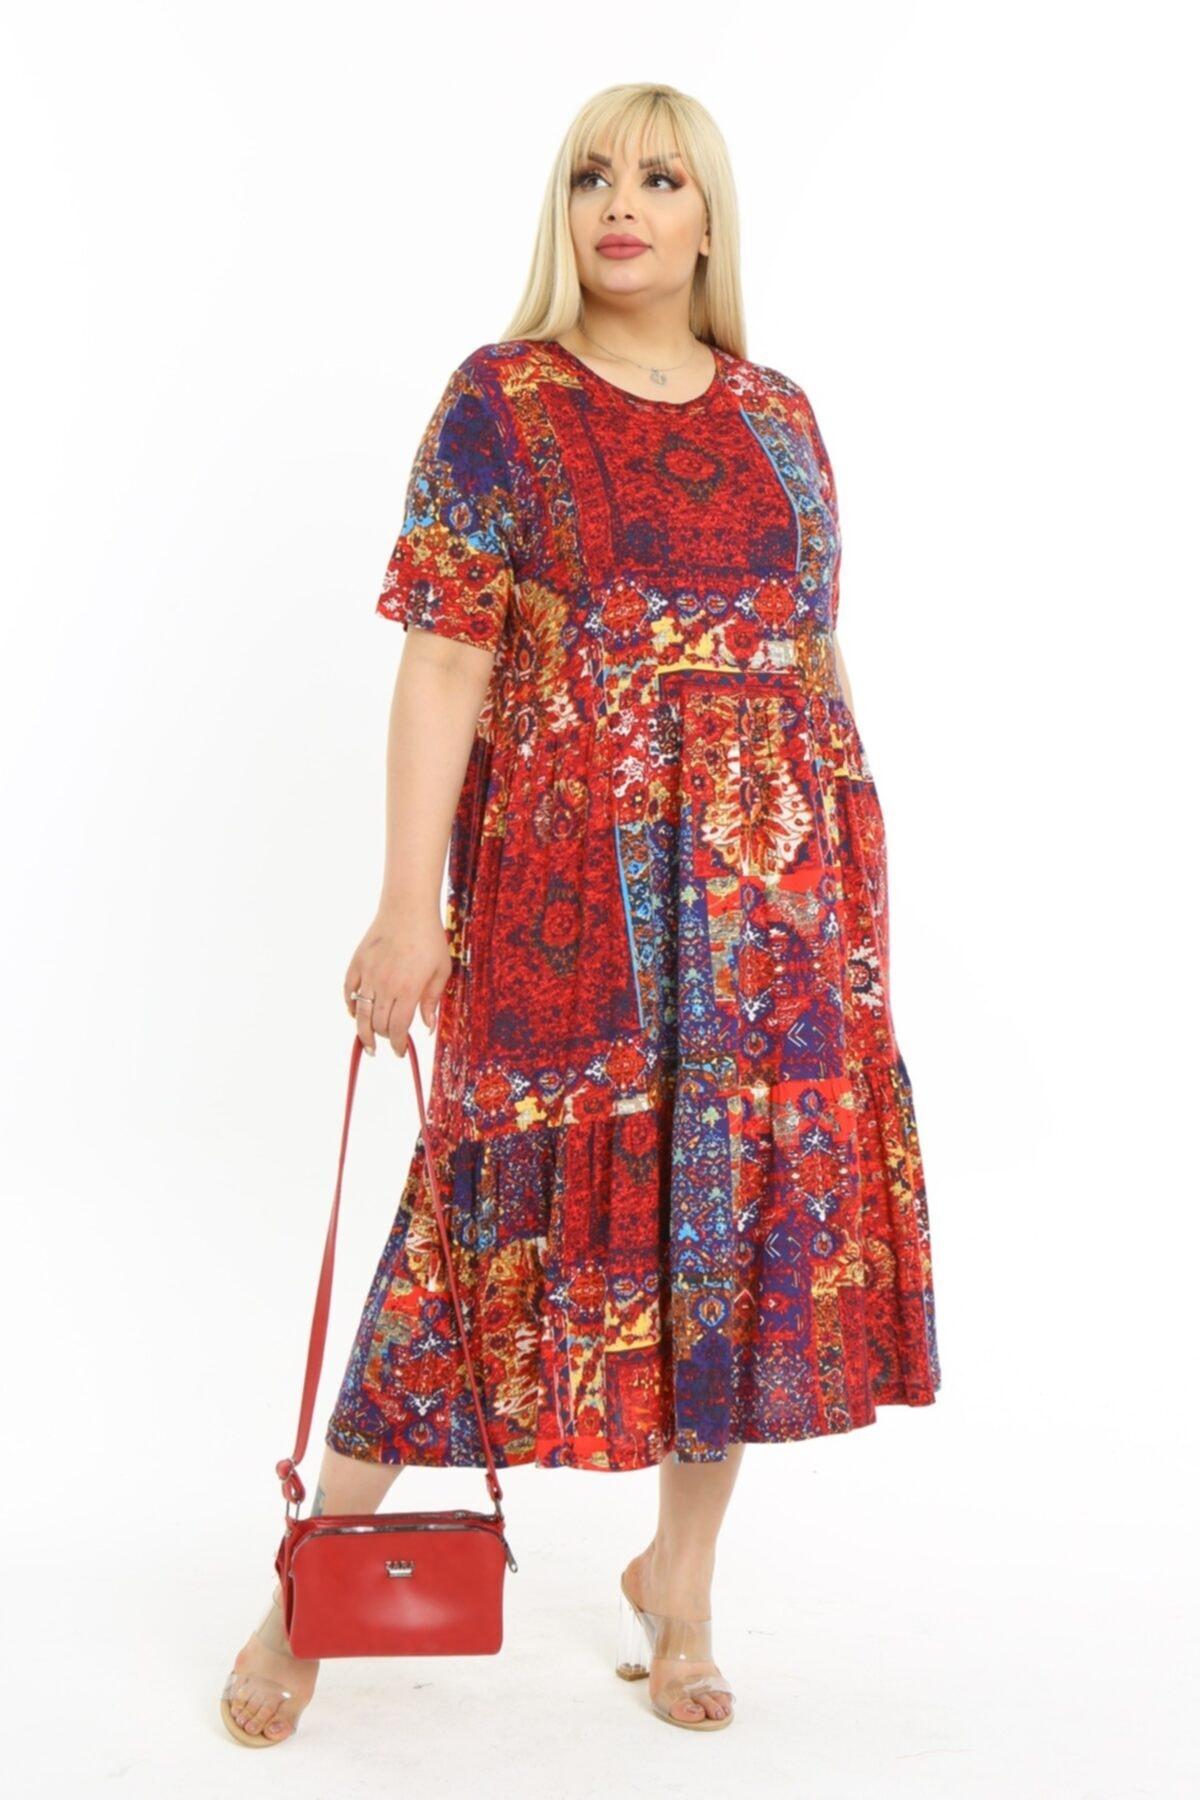 Kadın Kırmızı Büyük Beden Etnik Desen Katlı Büzgülü Viskon Elbise